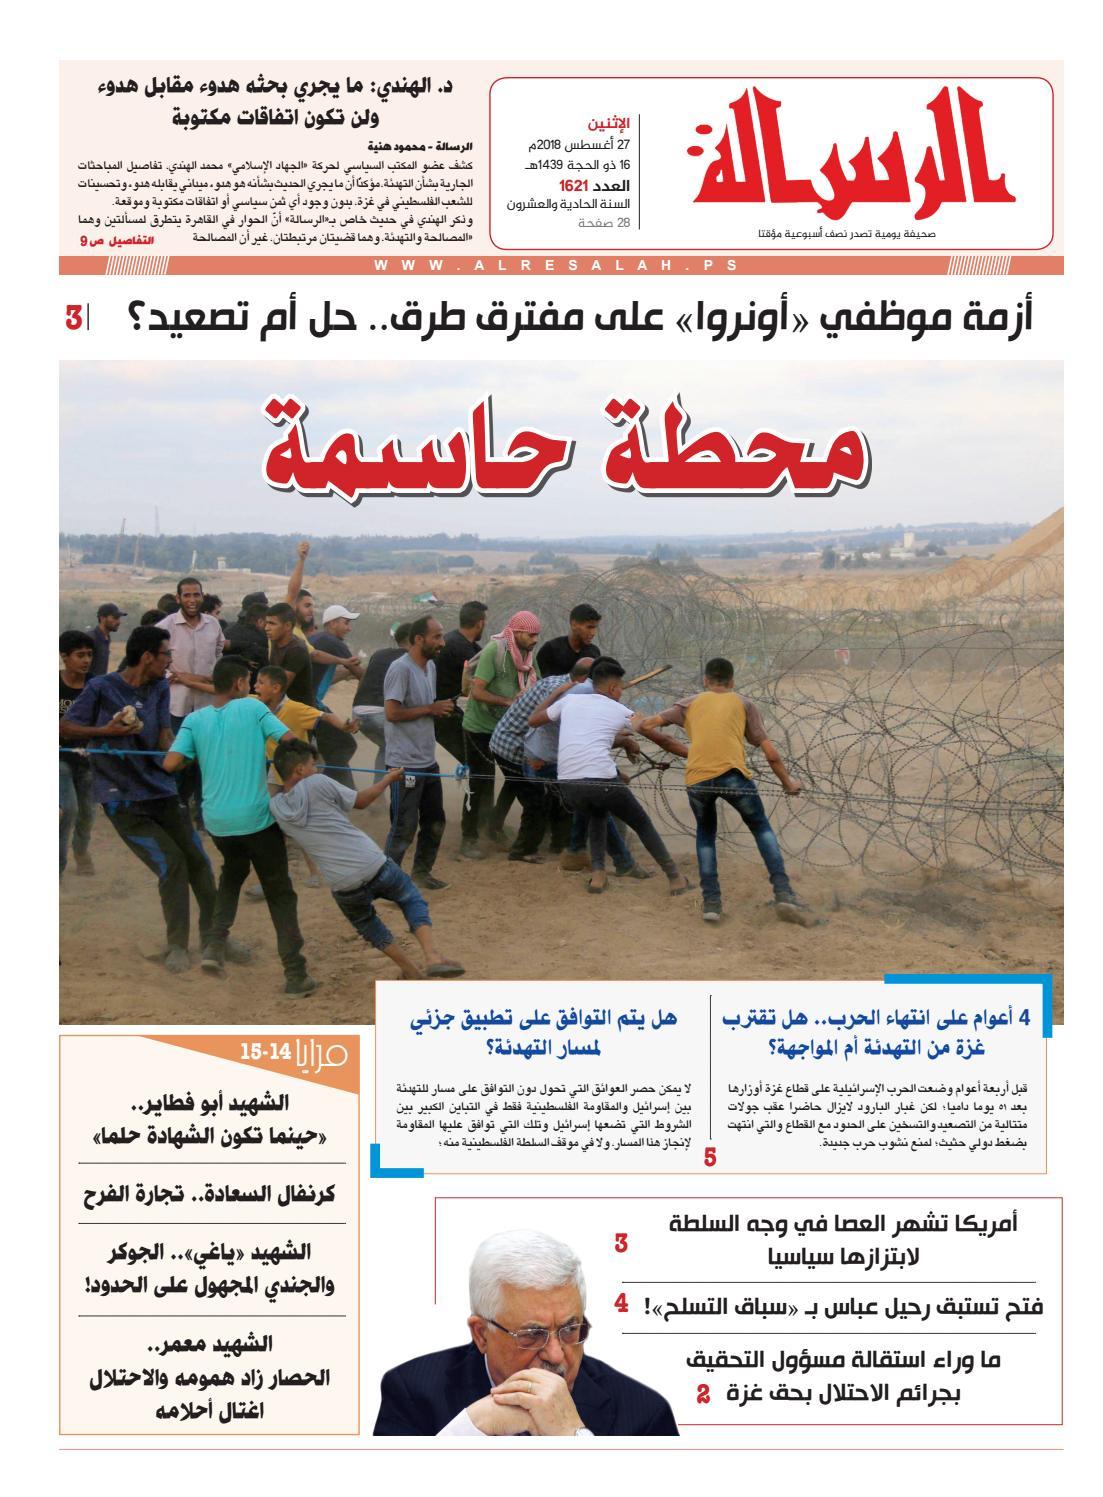 b98c182e6ebd9 1621 by صحيفة الرسالة - issuu